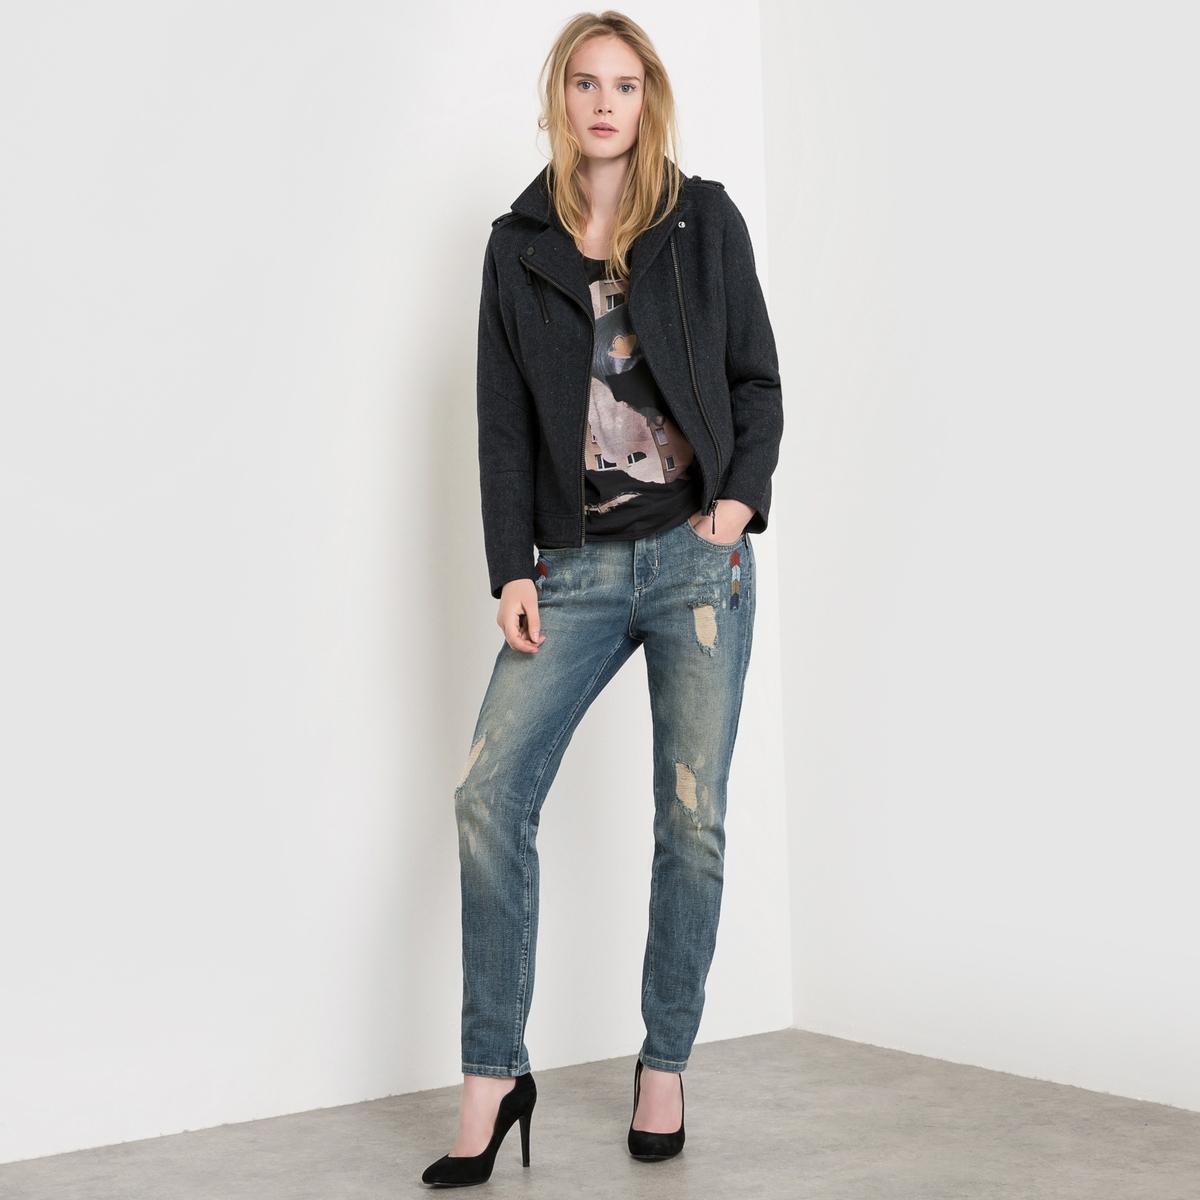 Блузон короткий с зигзагообразным рисунком  Mindy пальто длинное с зигзагообразным рисунком